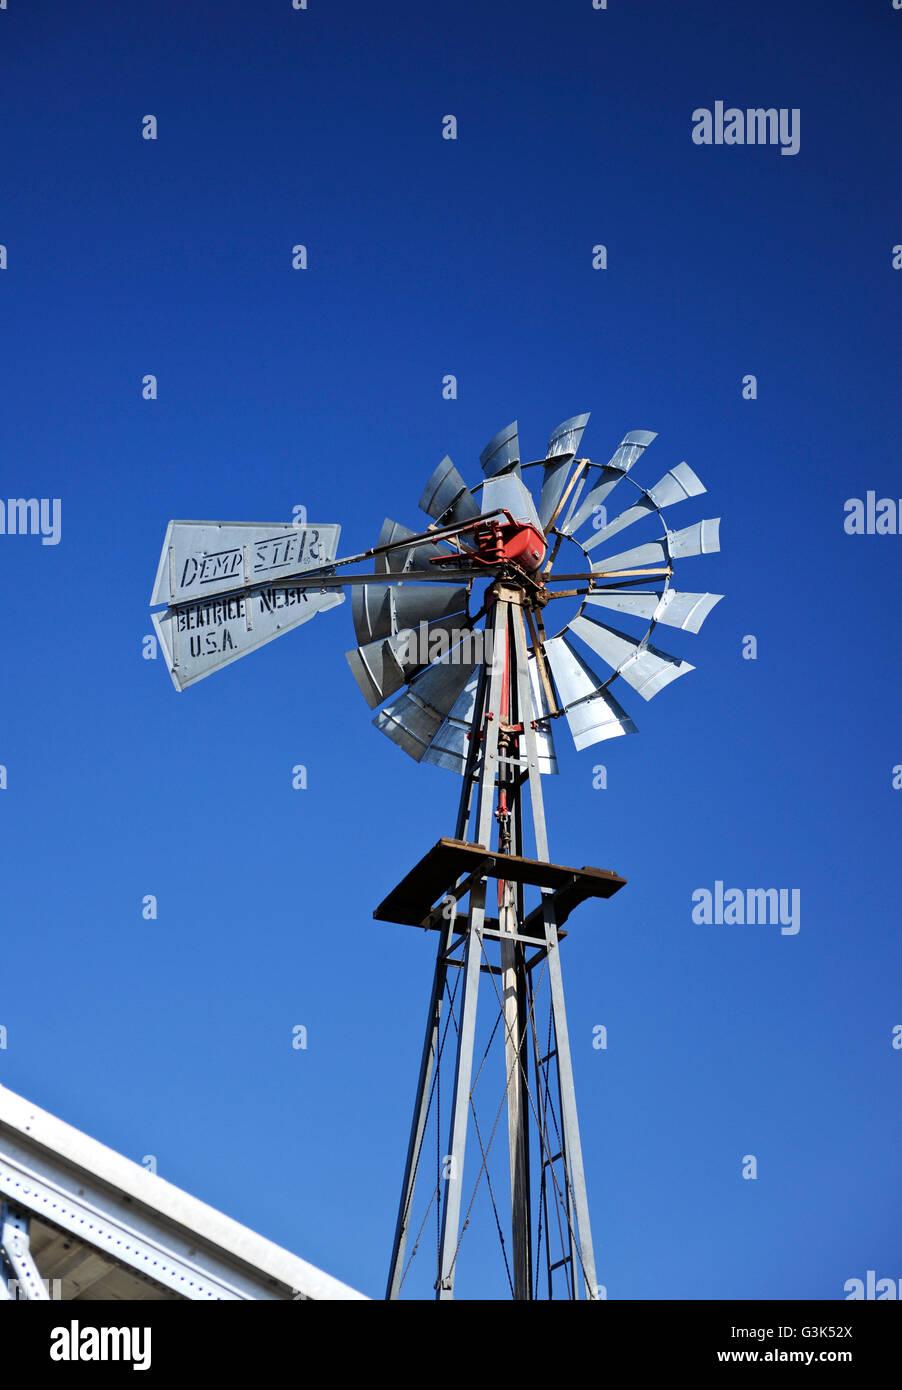 """Ein Wind angetriebene Wasserpumpe, Windmühle, der """"Beatrice Dempster Mill Company"""" Stockbild"""